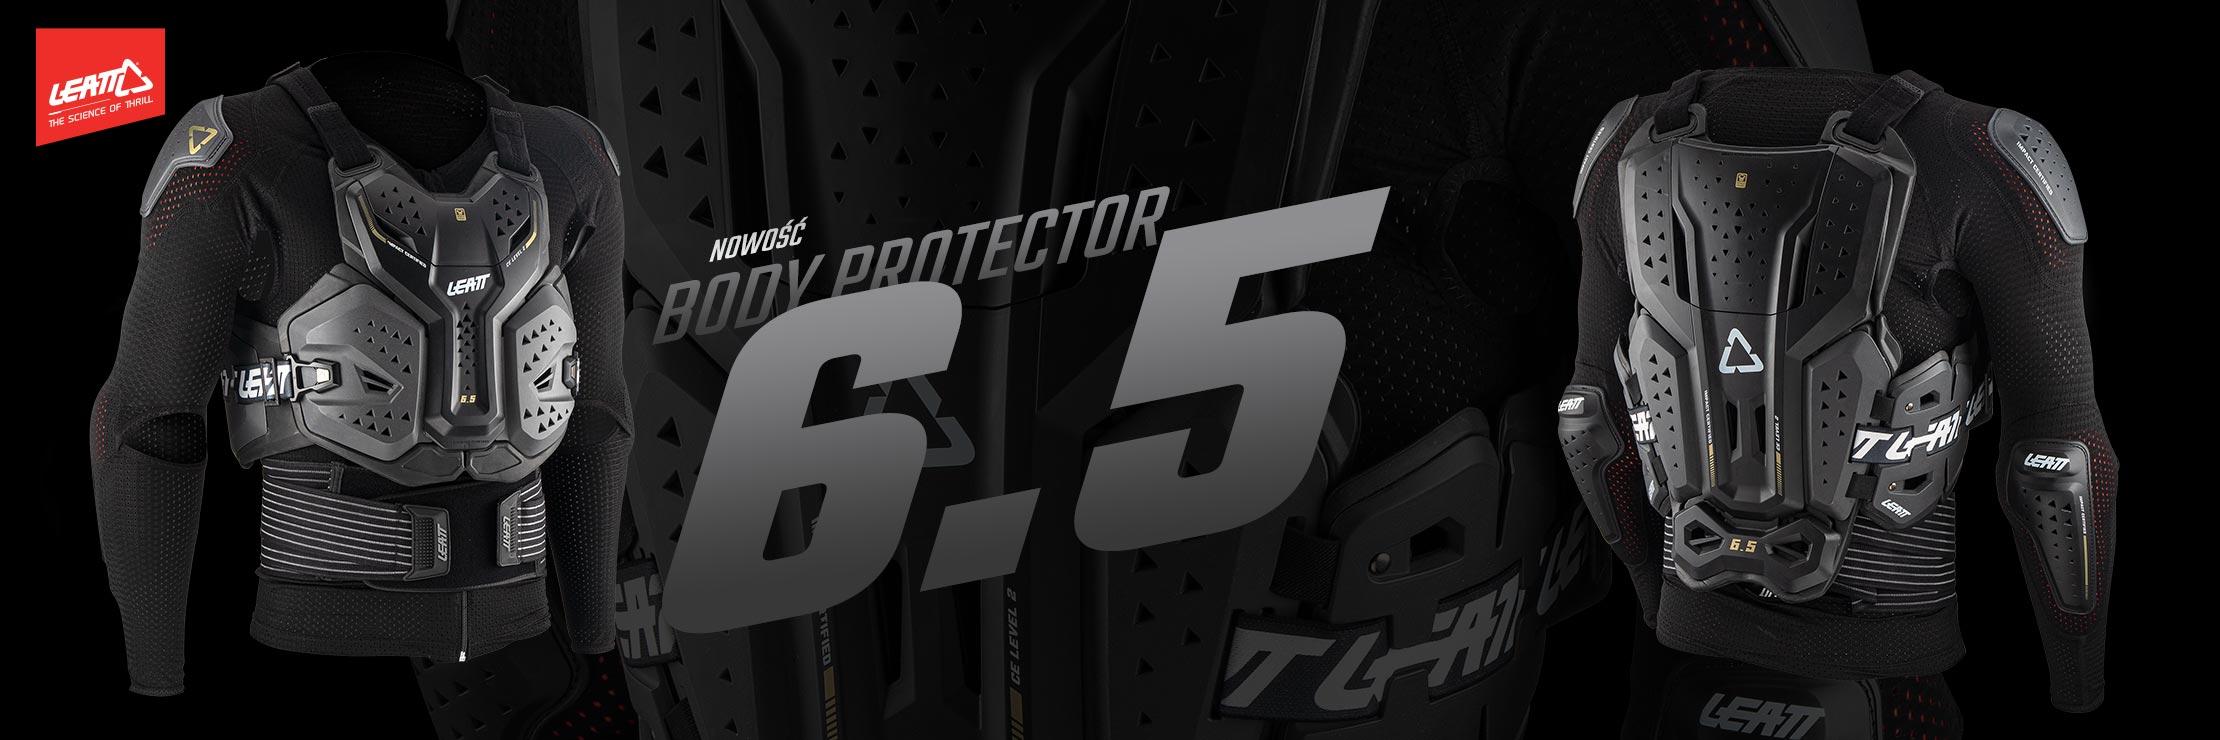 olekmotocykle-leatt-protector-6